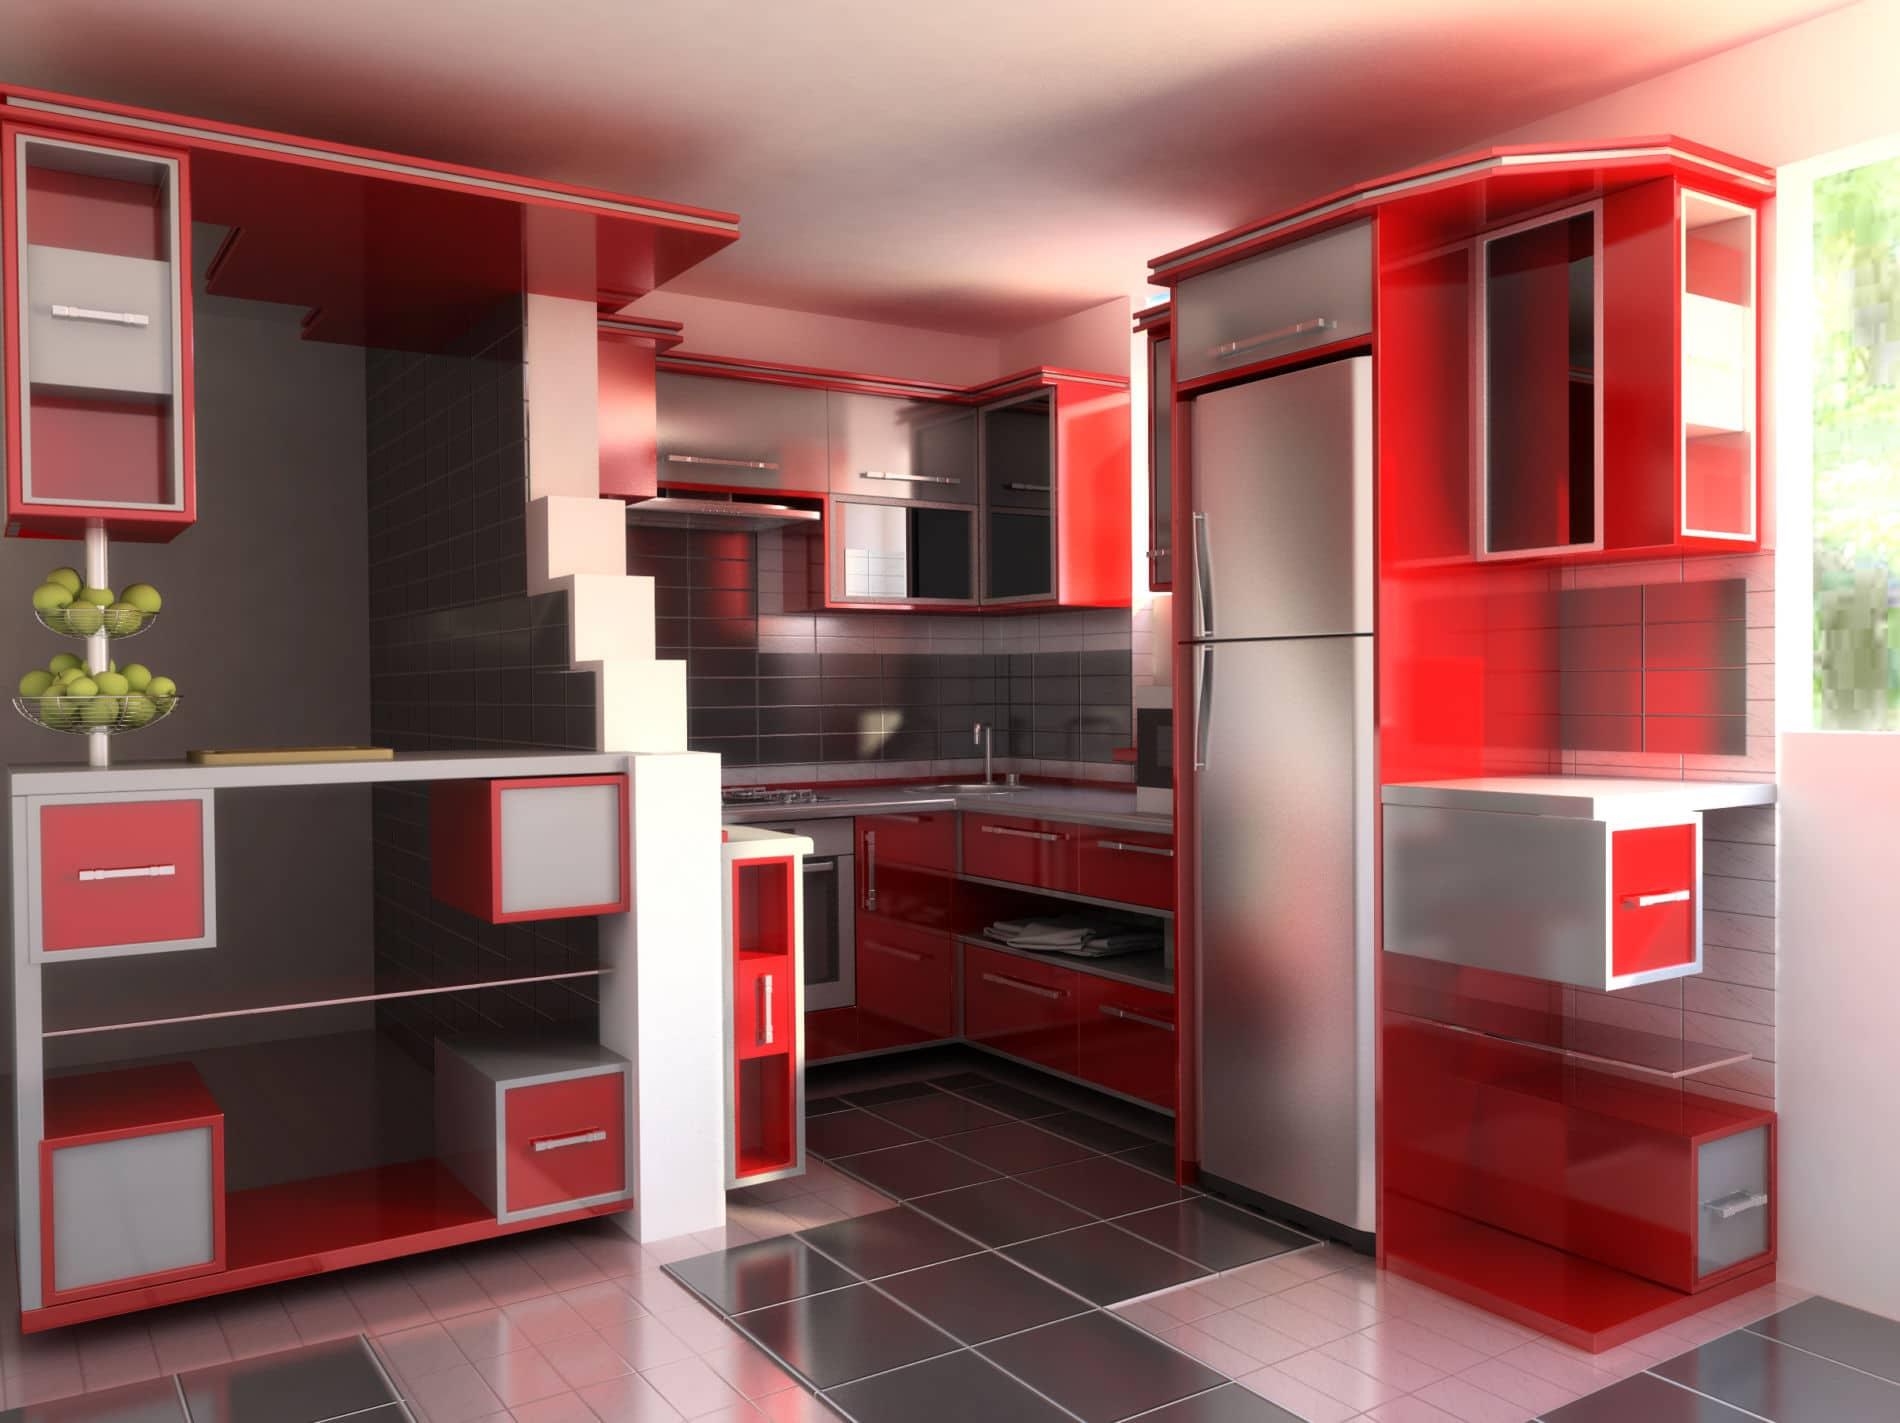 מטבח בעיצוב נדיר בצבע אדום דגם רד בלוק